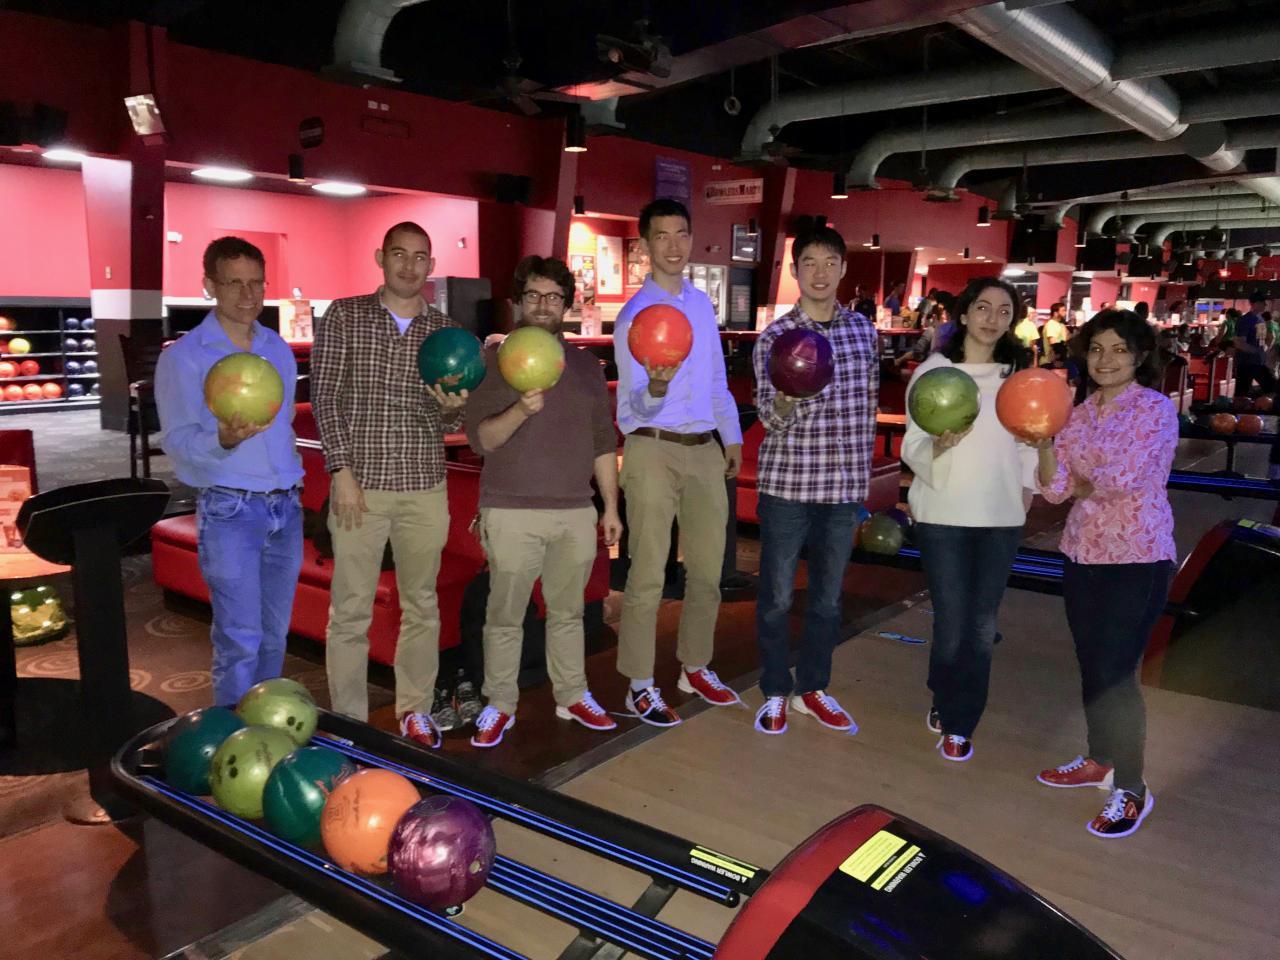 Mitzi group photo - Bowling